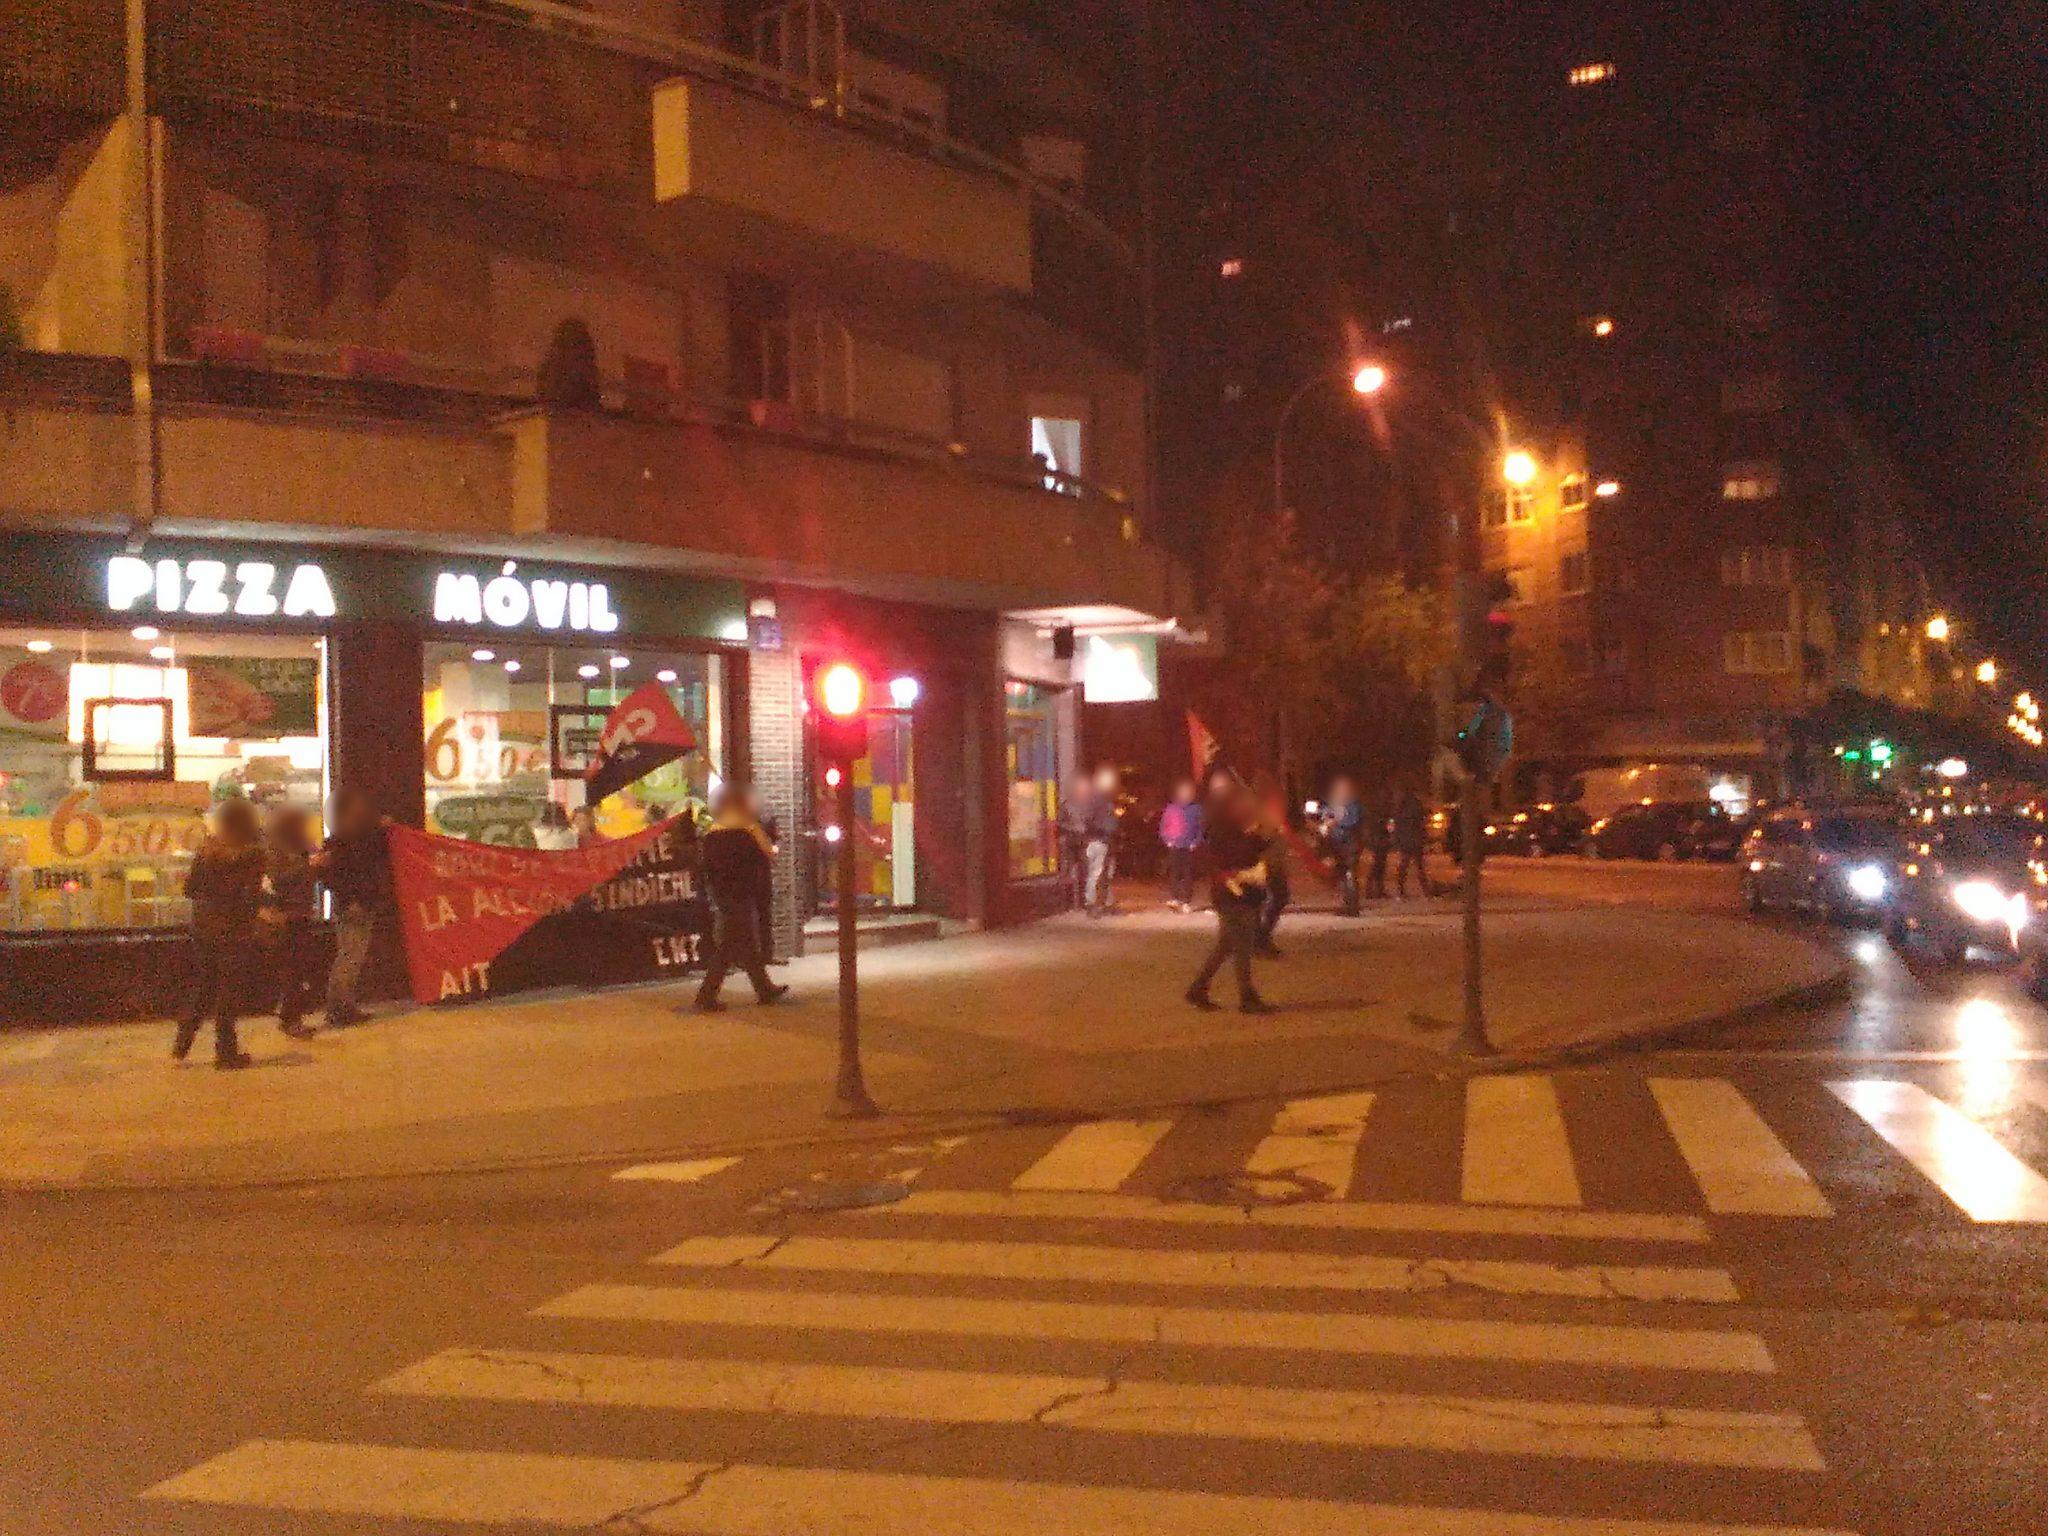 Crónica: Concentración Stop abusos en Pizza Móvil